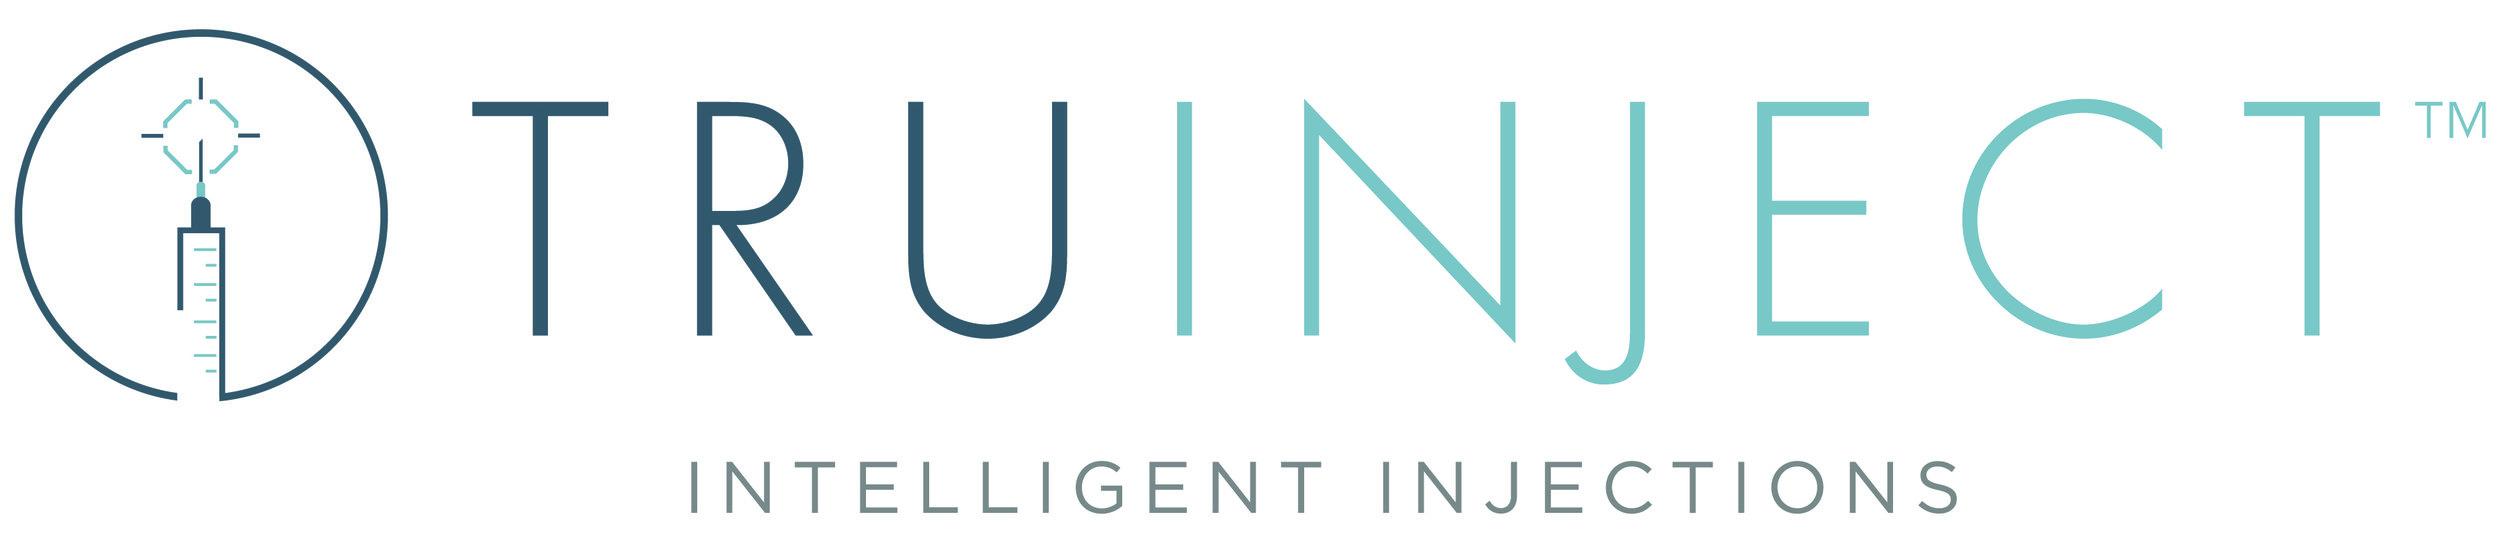 TRUINJECT_Logo_02_TM.jpg